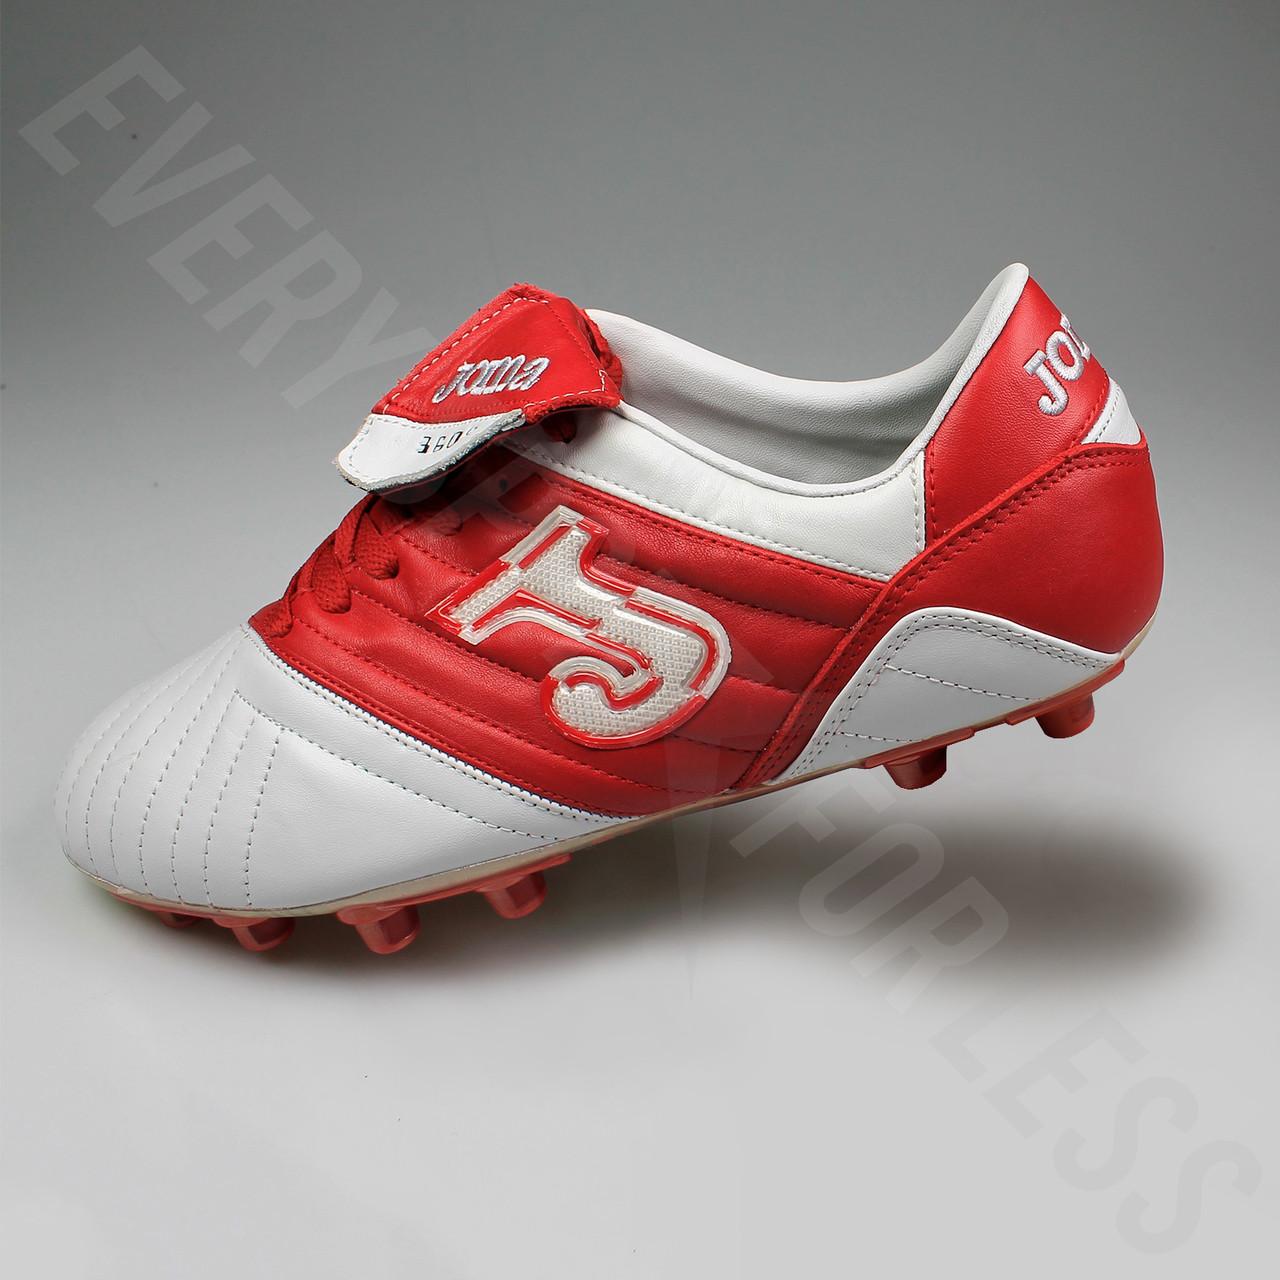 f3b94a8538a ... Joma Multitaco Numero 10 Men's Soccer Cleats - Red, ...